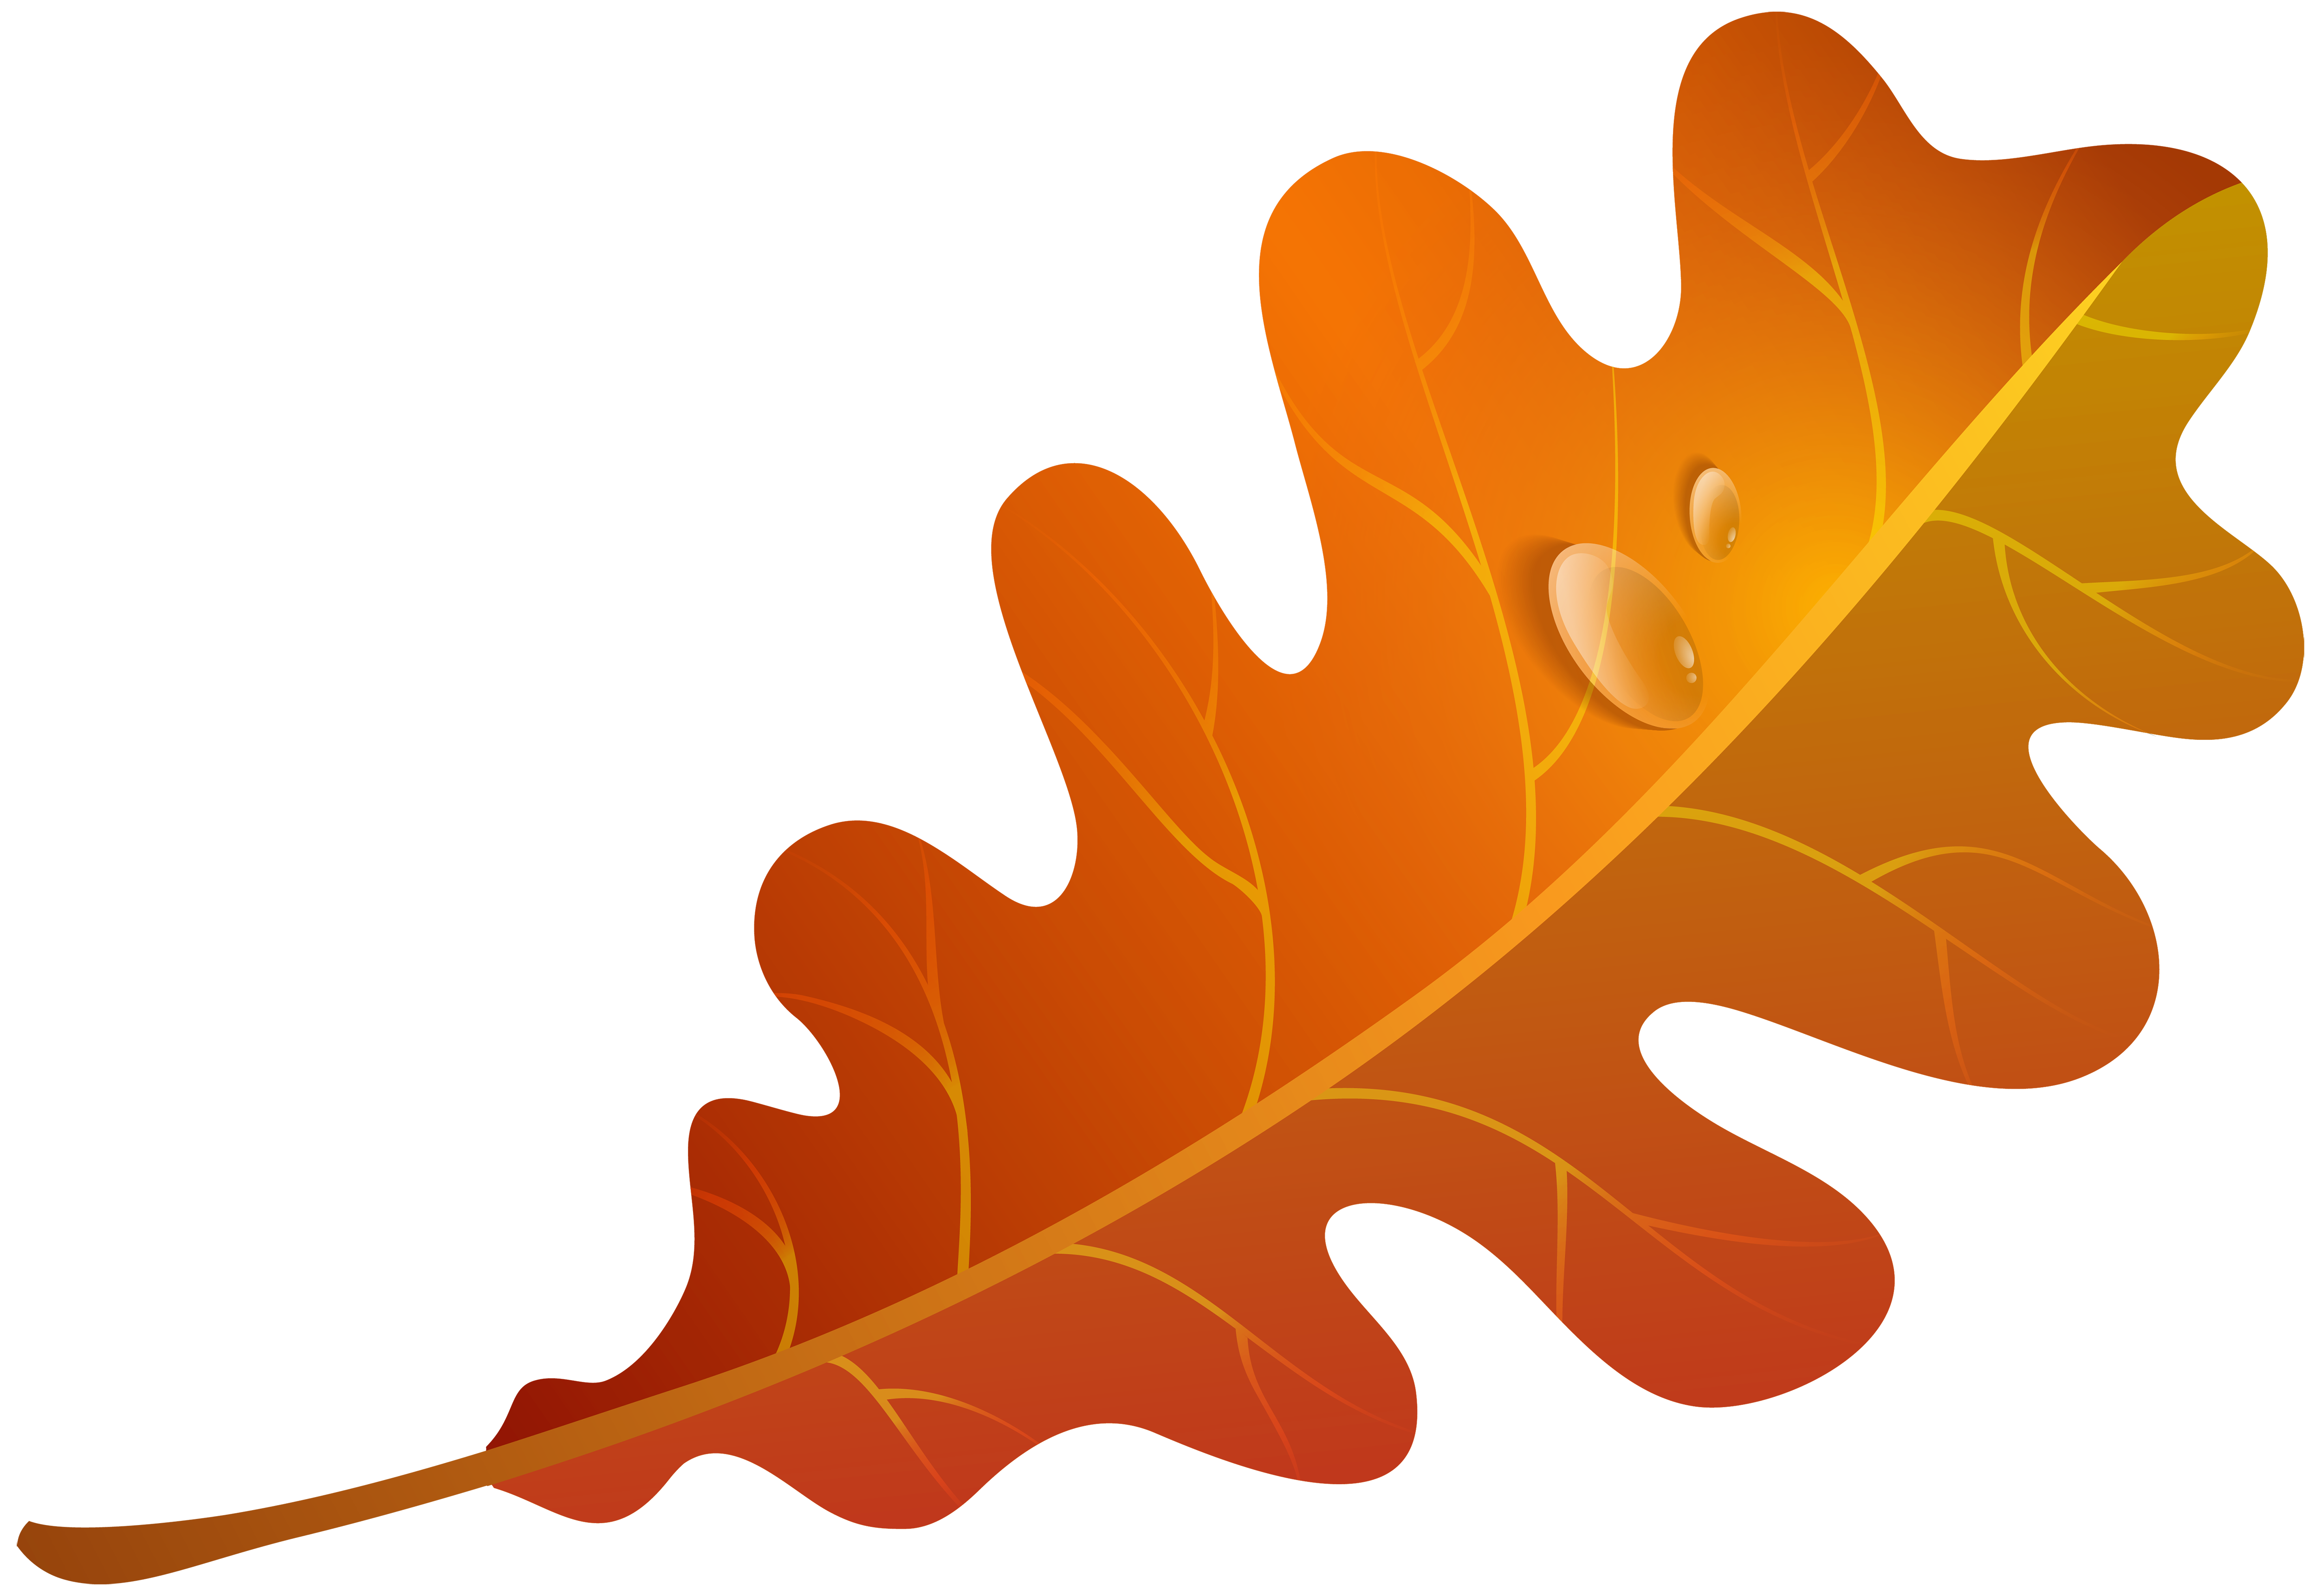 Clipart oak leaf transparent orange download Found on Bing from moziru.com | shirts | Orange leaf, Clip art ... download